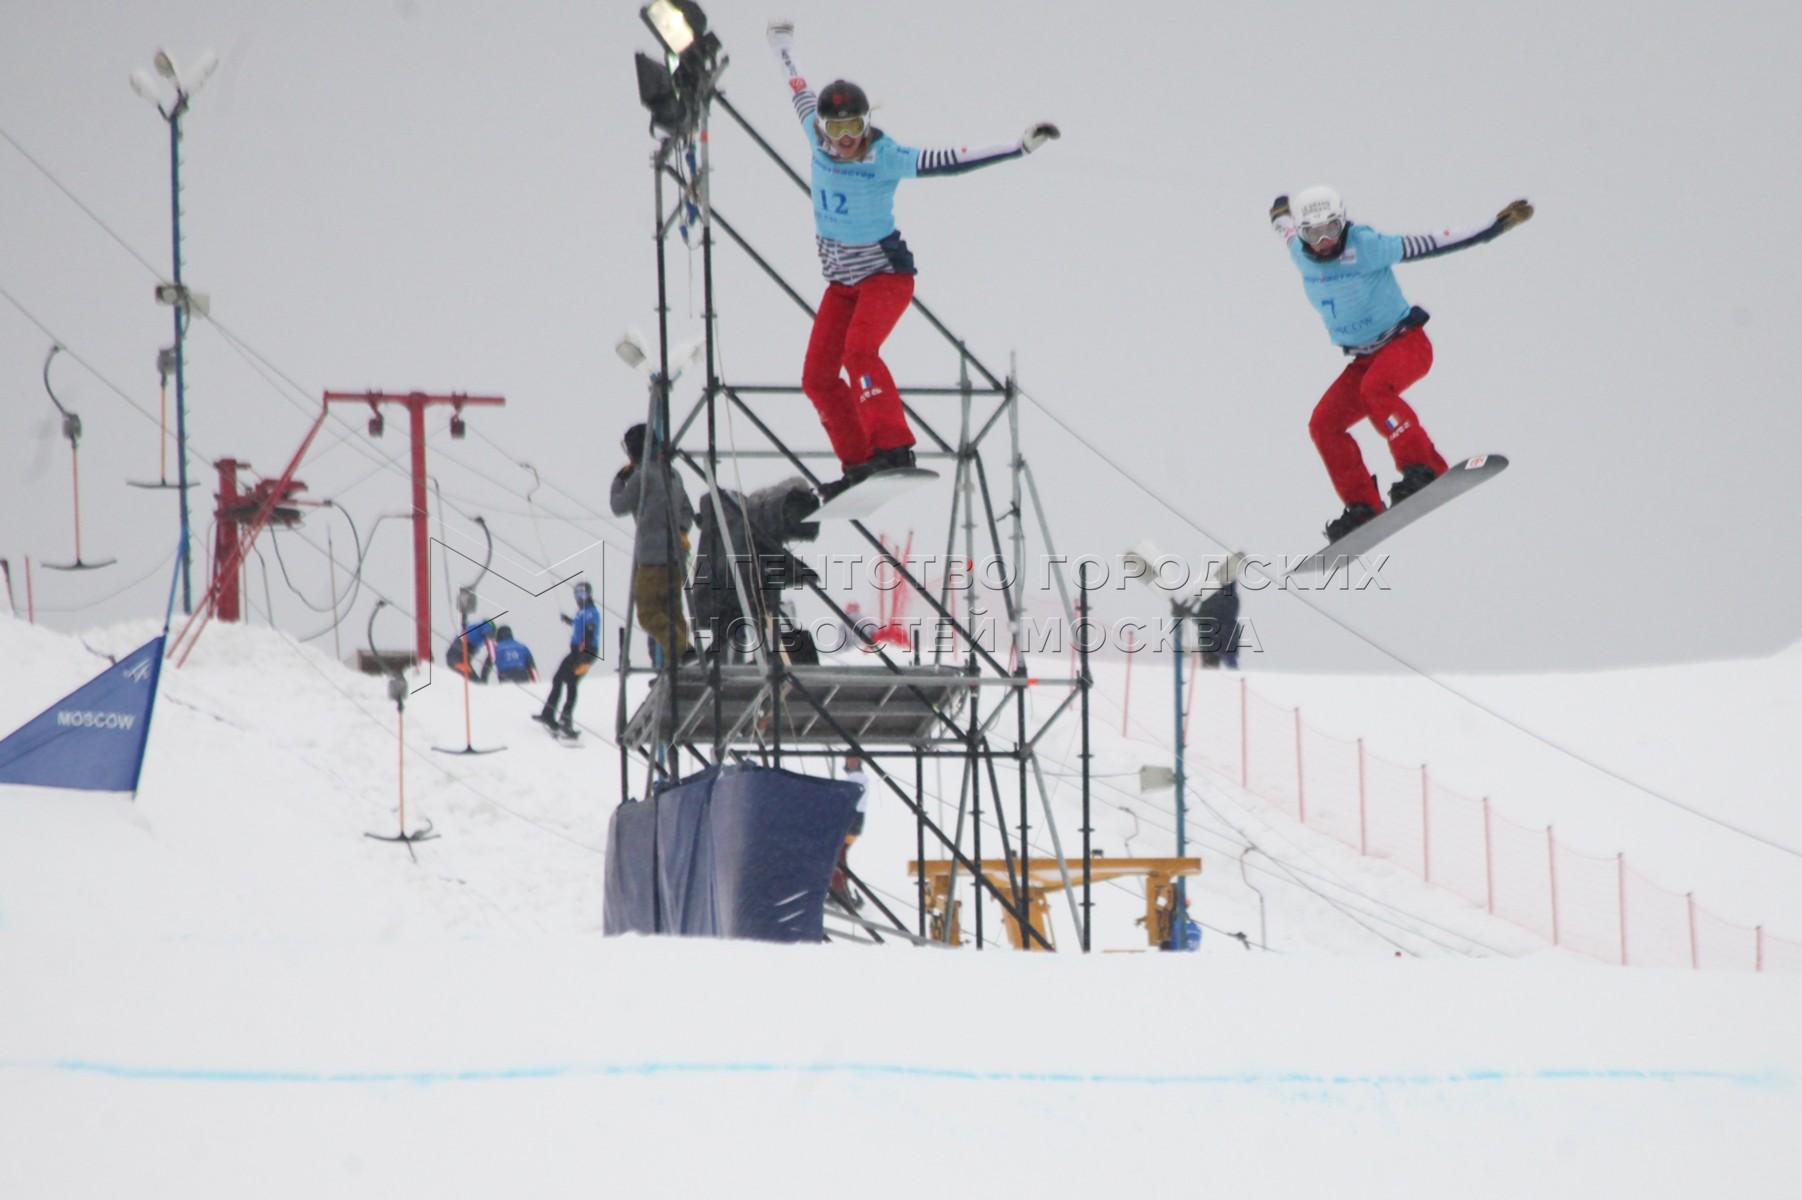 Скипасс (ski pass). что такое ски пасс и цены на горнолыжных курортах